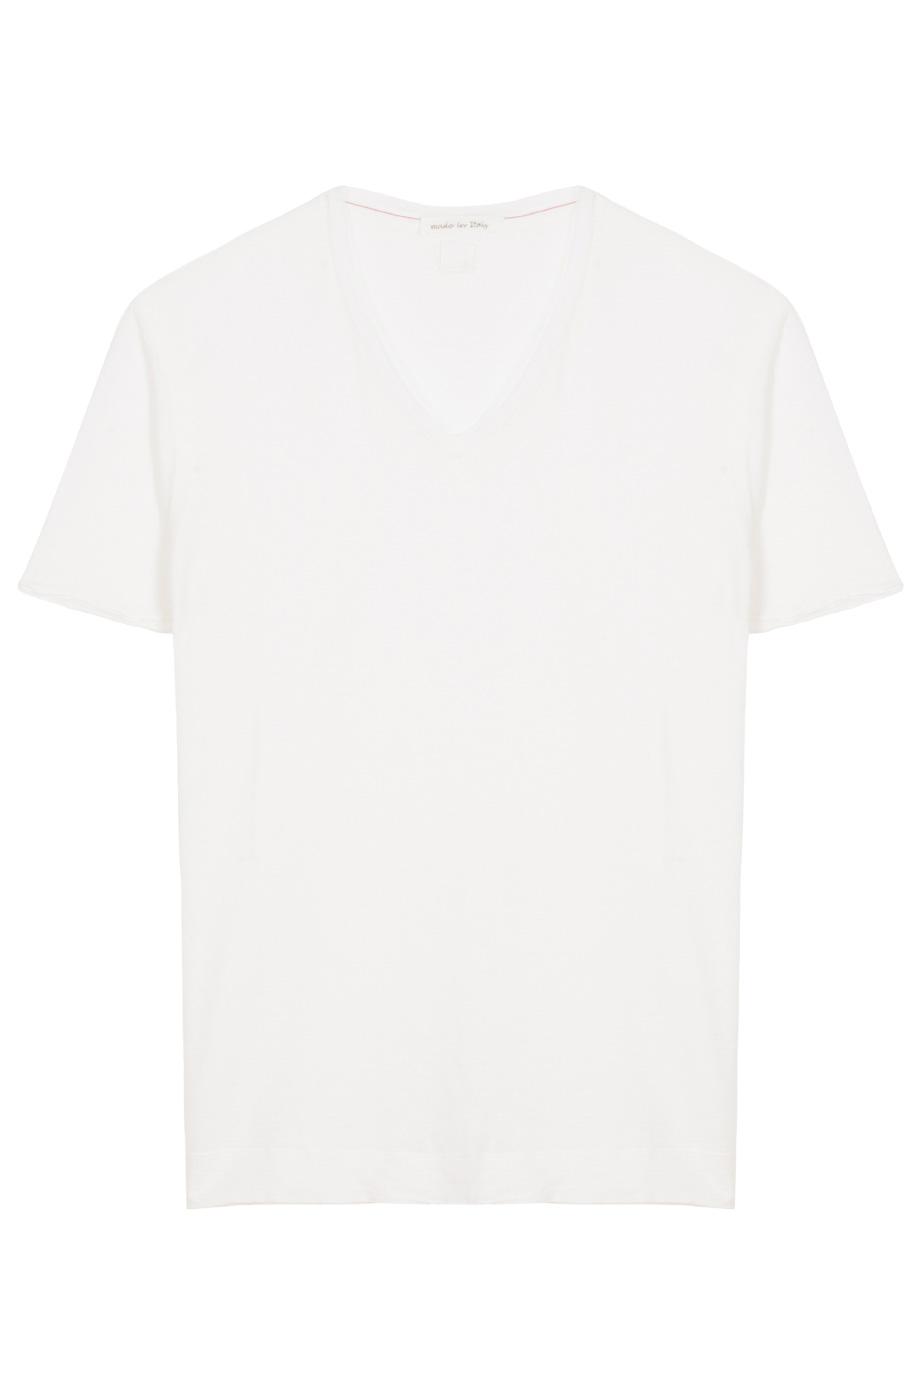 T shirt plain white back - Gallery